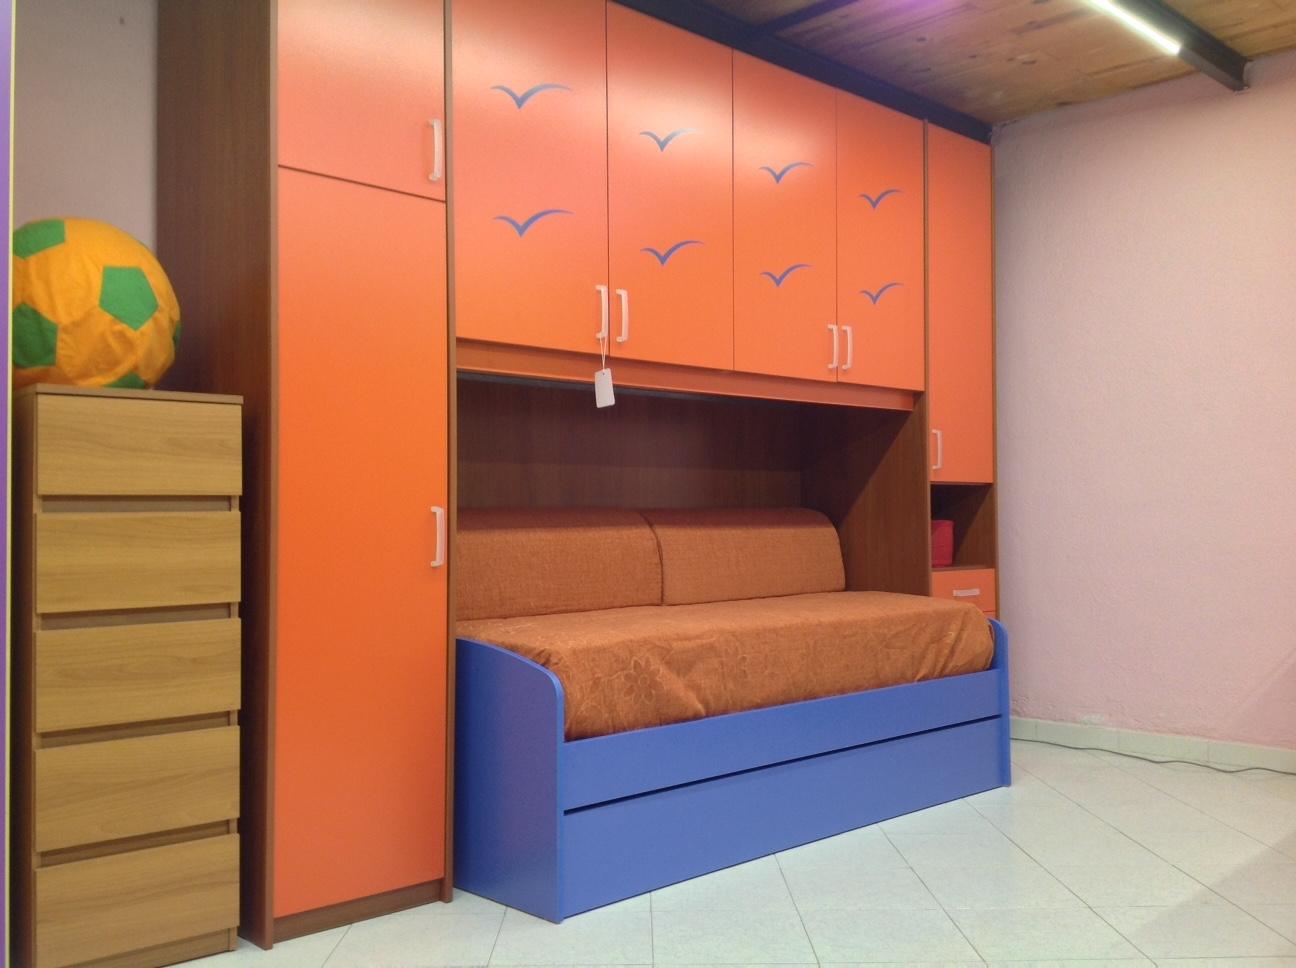 Cameretta a ponte per ragazzi arancio ciliegio modello for Cameretta 3x3